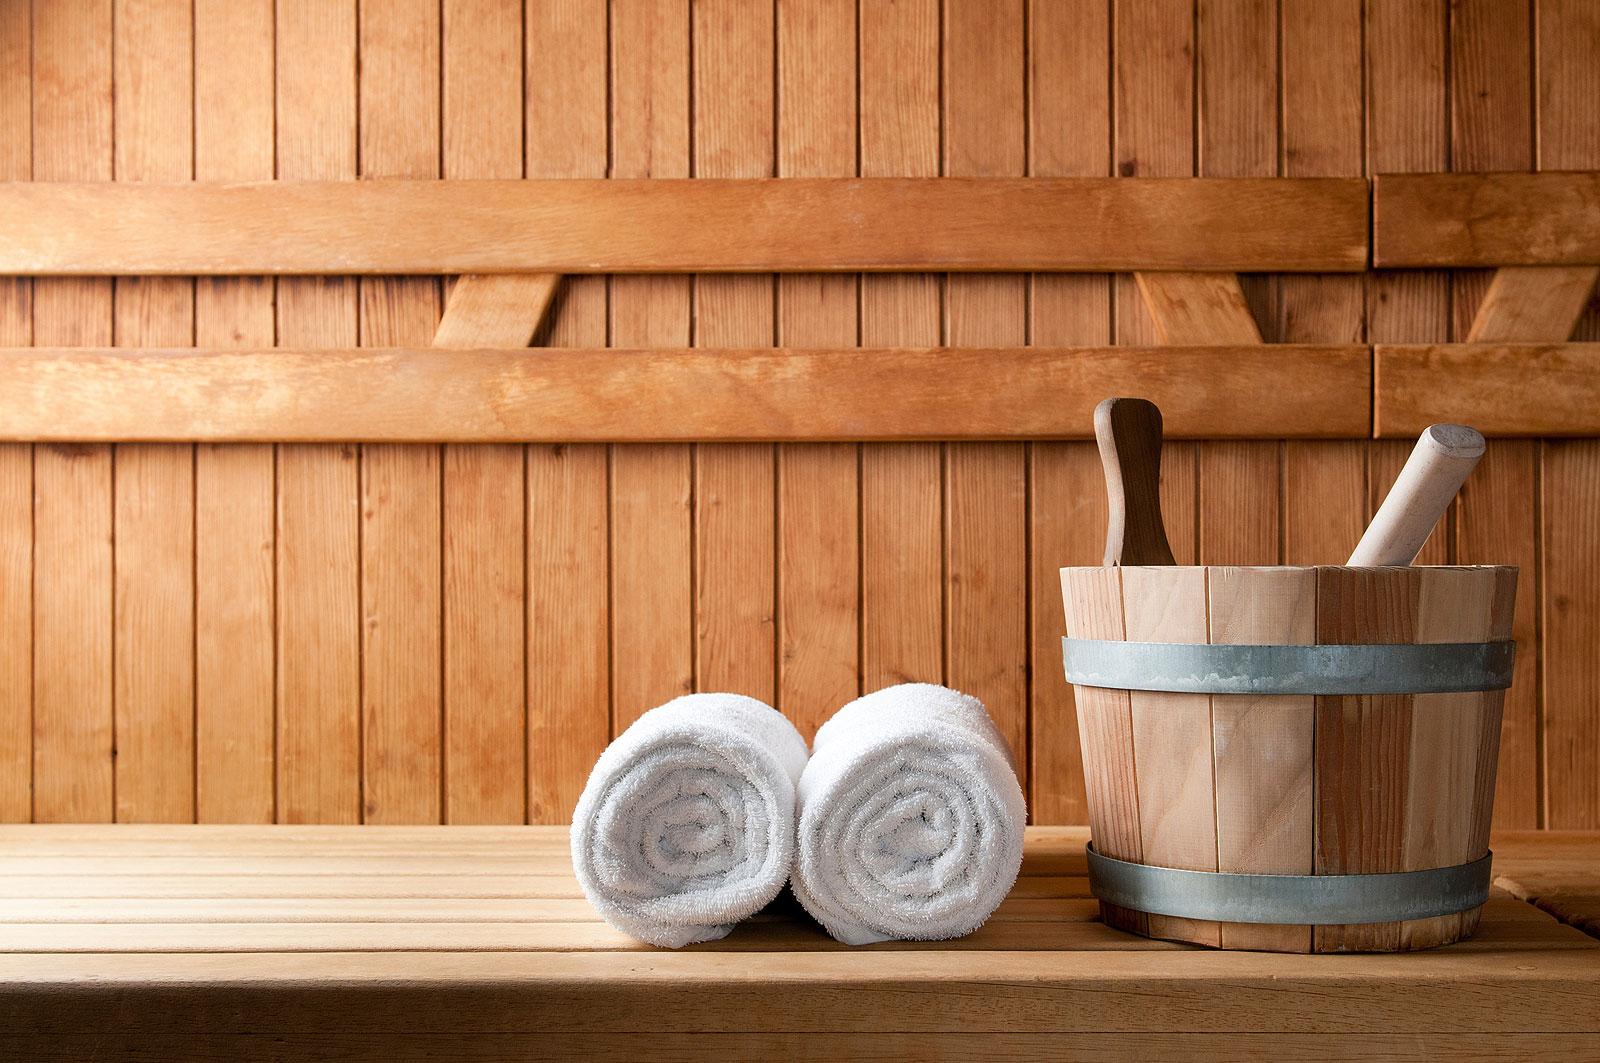 Altijd korting op spa en wellness